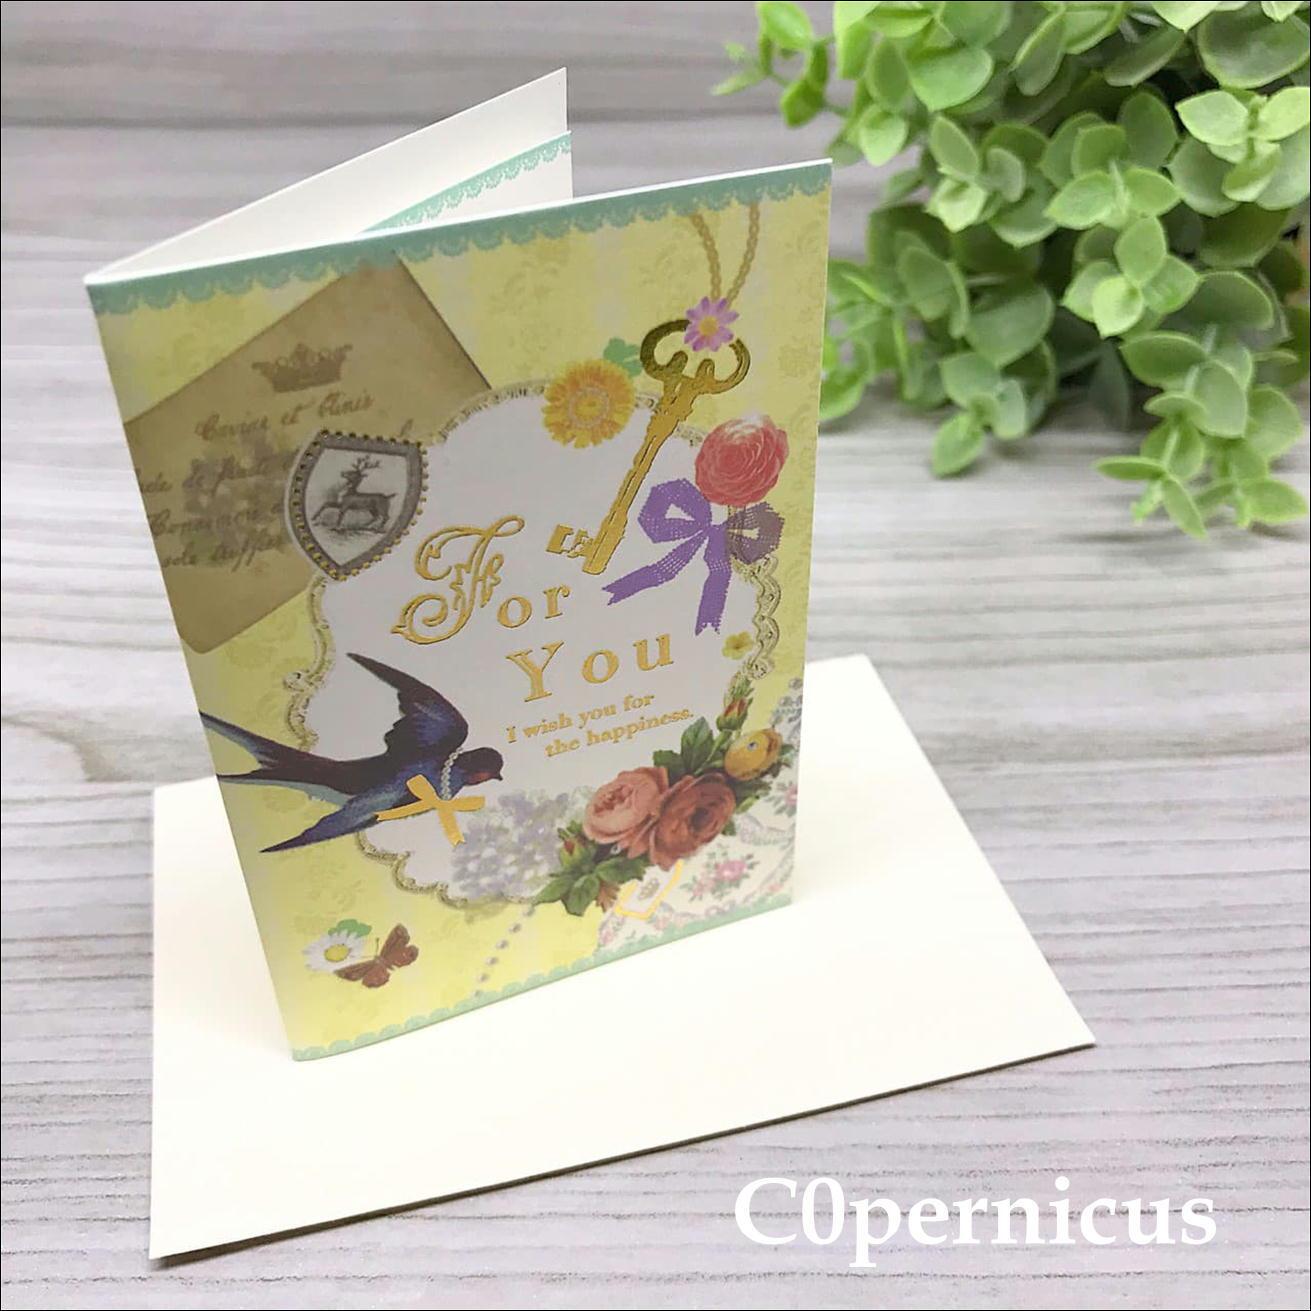 メッセージカード/ミニカード0324-2 浜松雑貨屋 C0pernicus  便箋・封筒レターセット